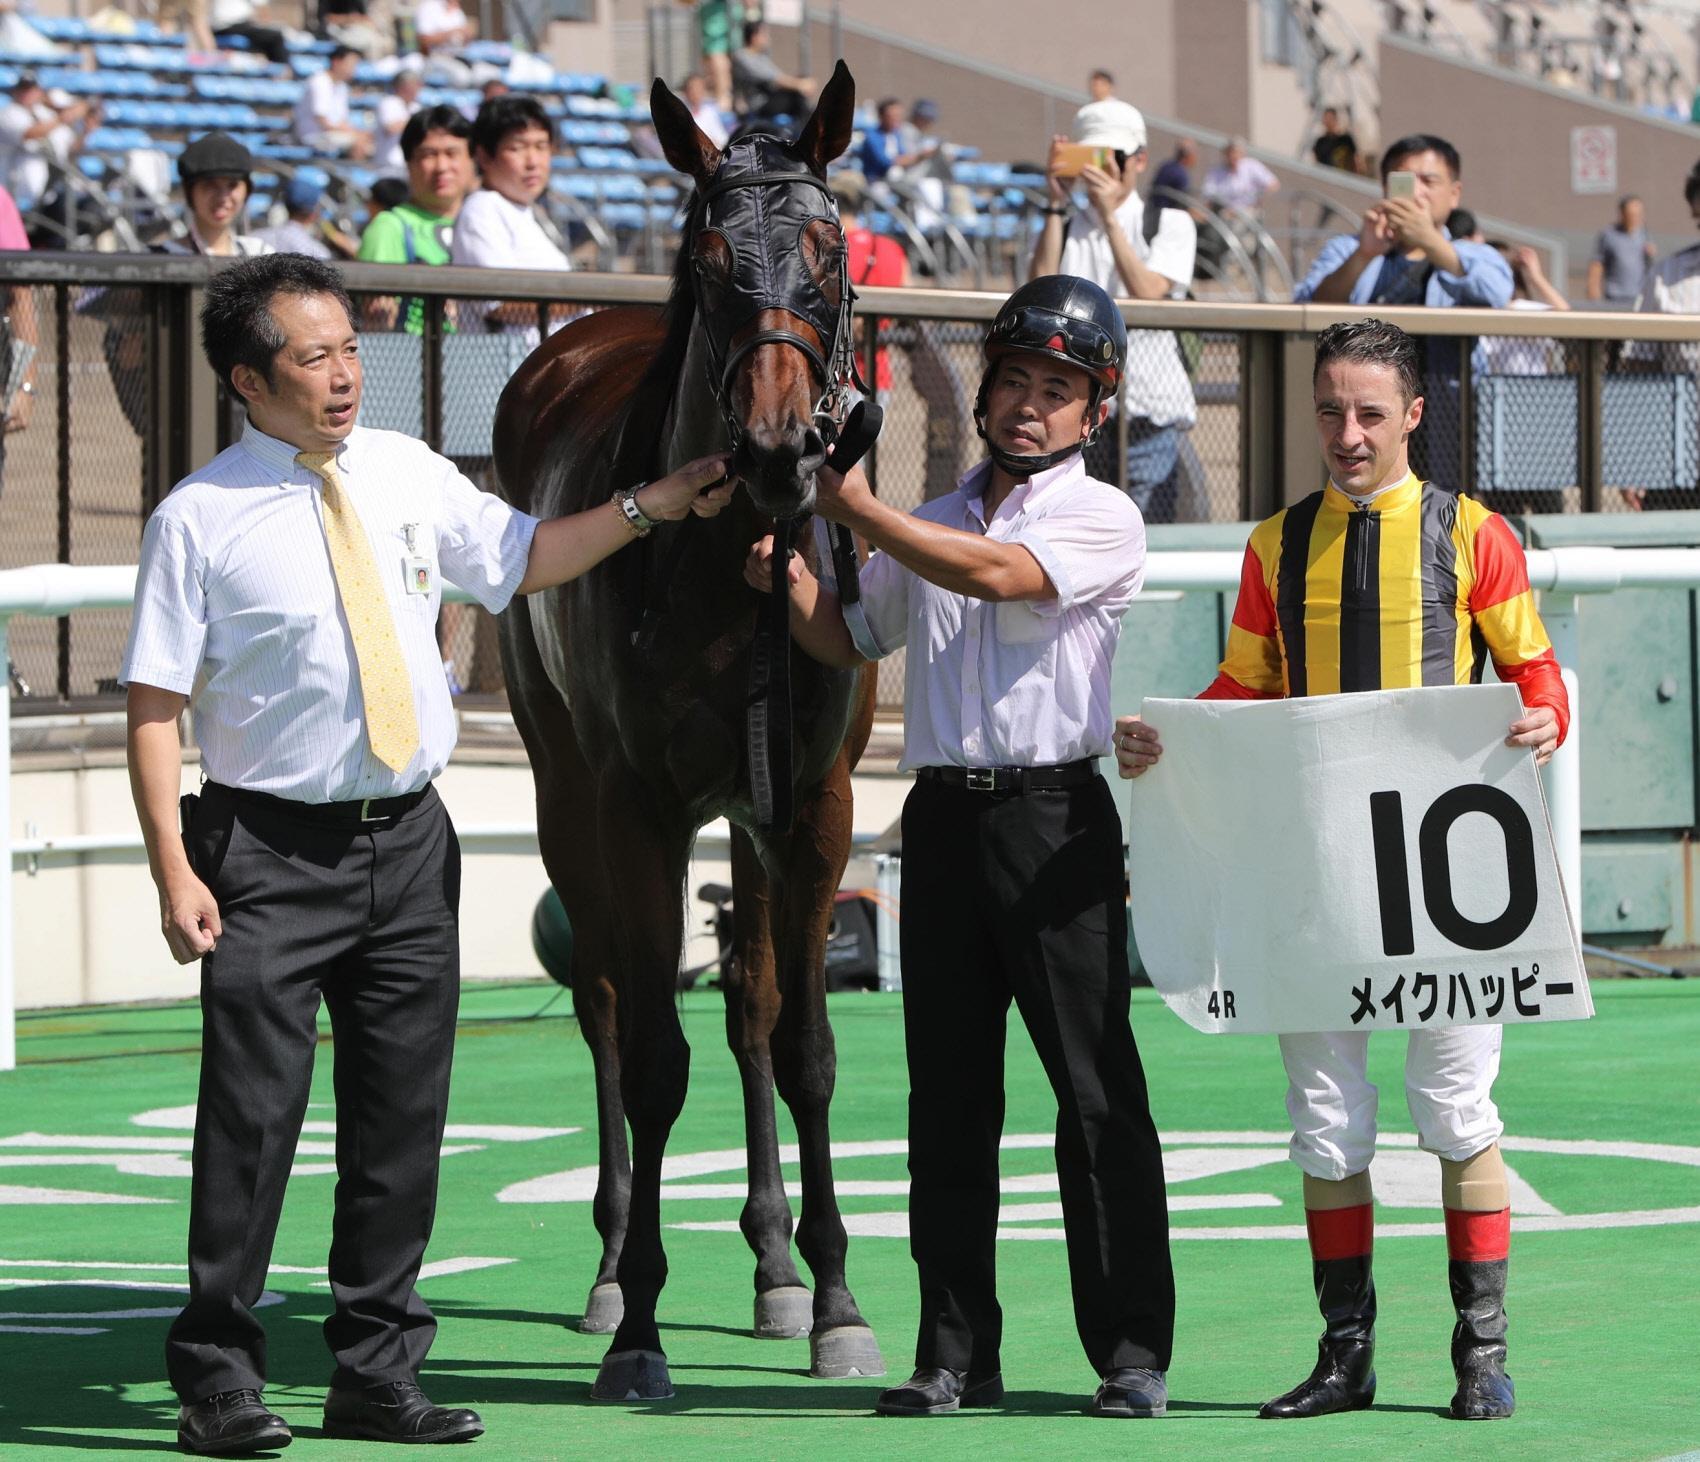 東京4Rでデビュー勝ちを飾ったメイクハッピーとルメール騎手(右)。左は新開調教師